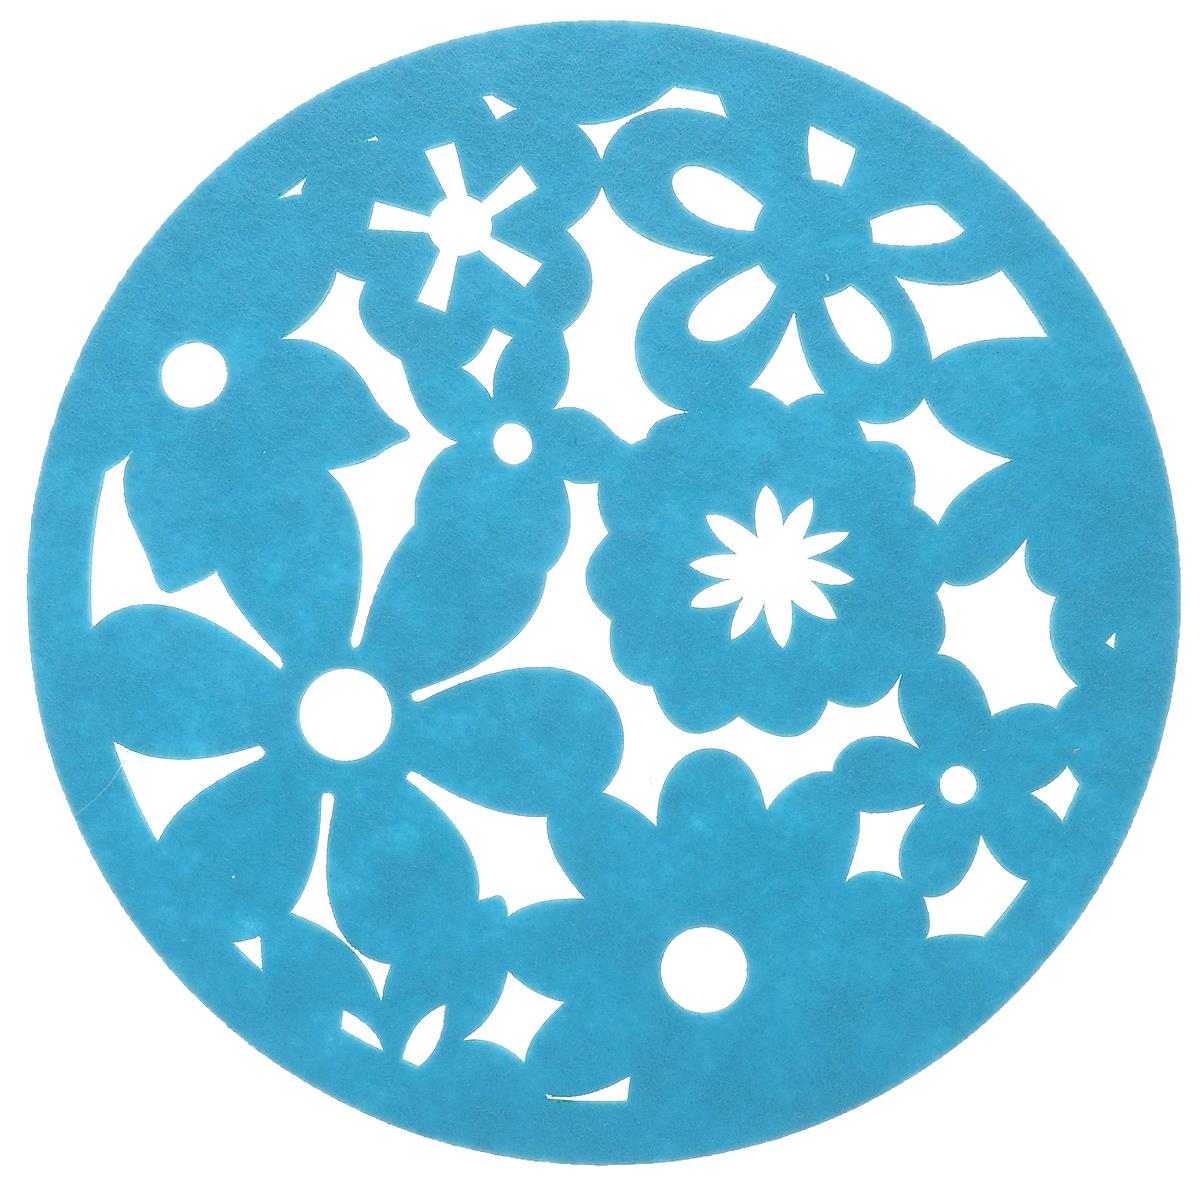 Салфетка Home Queen Цветы, цвет: синий, диаметр 30 см54 009312Салфетка Home Queen Цветы изготовлена из фетра и оформлена изысканной перфорацией в виде цветочных узоров. Такая салфетка прекрасно подойдет для украшения интерьера кухни, она сбережет стол от высоких температур и грязи. Диаметр: 30 см.